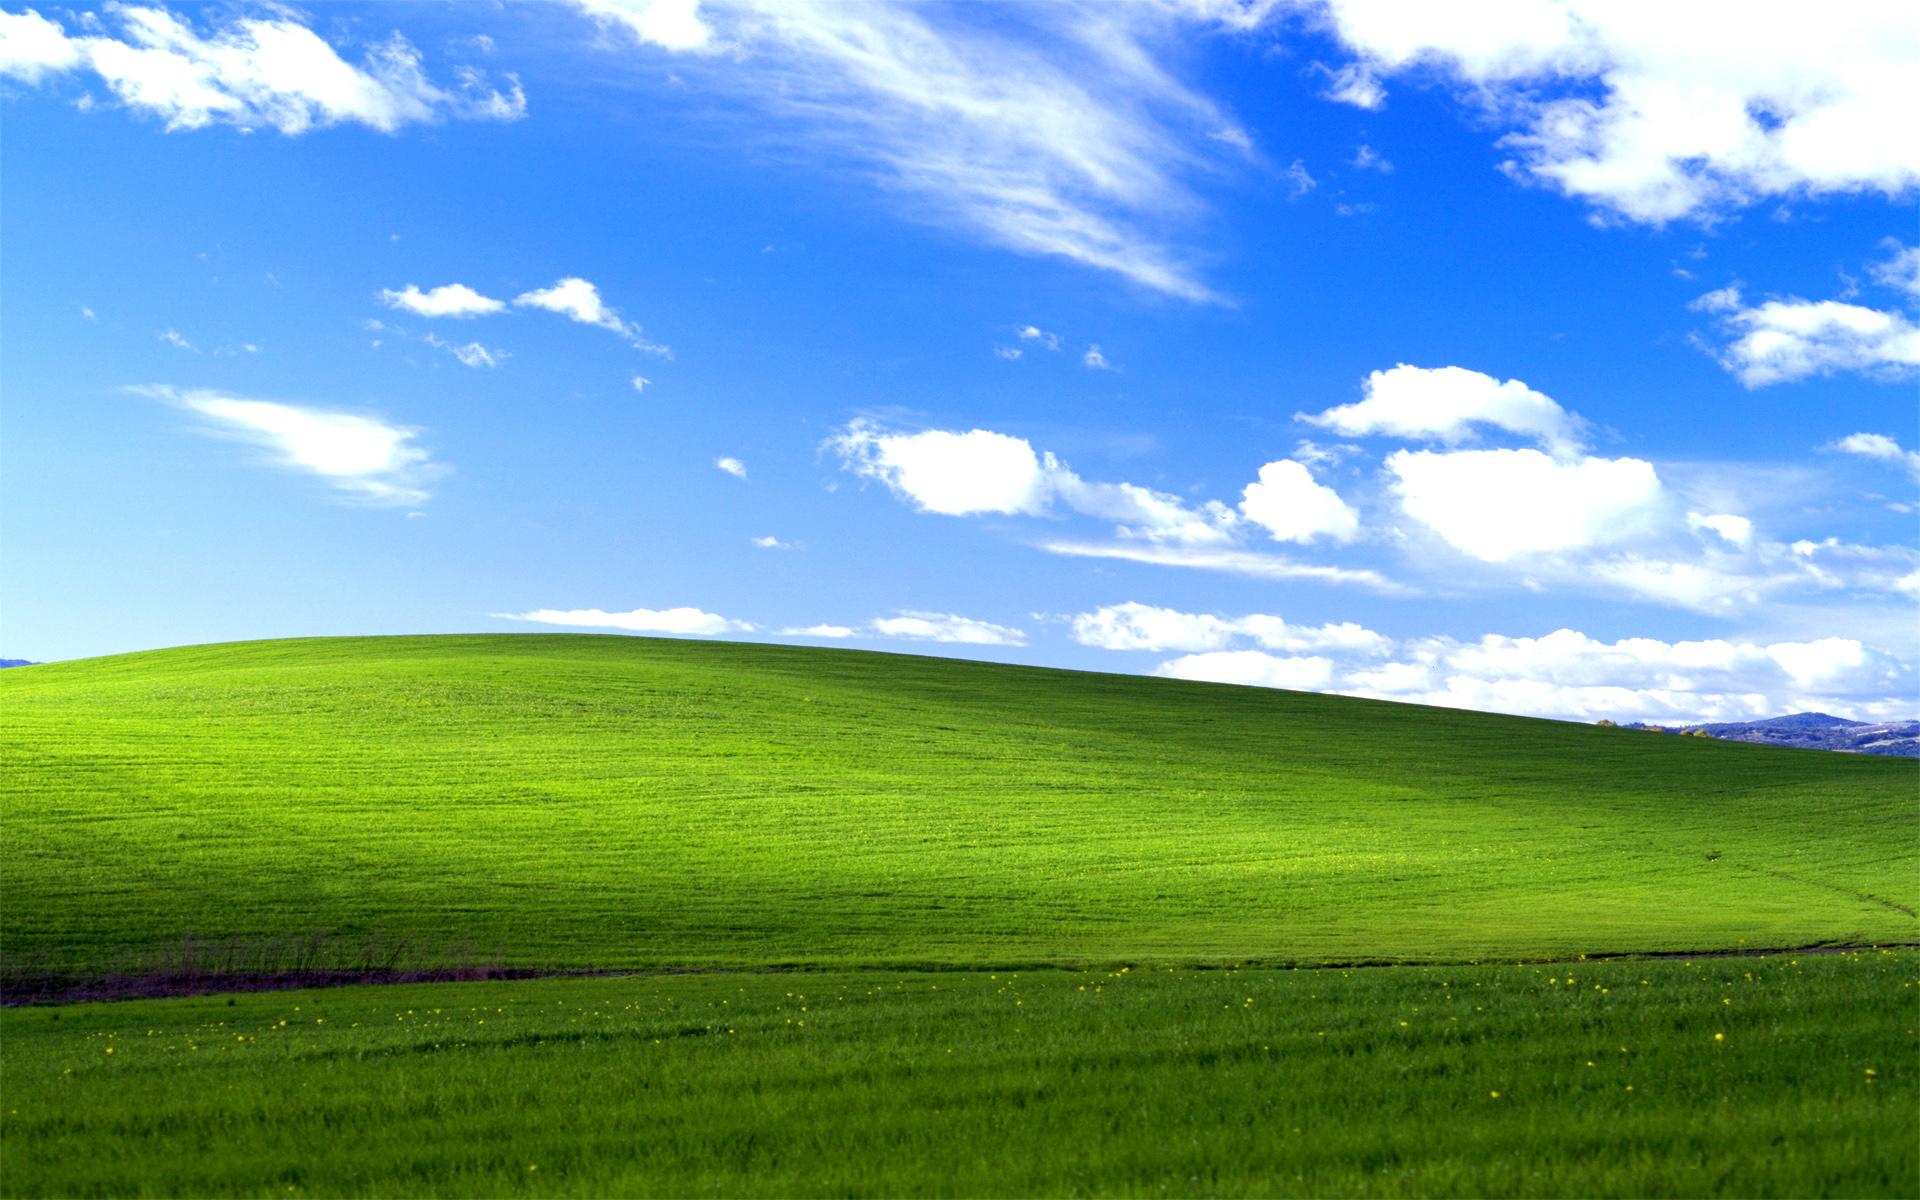 Smutne, ale prawdziwe – Windows XP jest martwy od roku, a nadal pozostaje popularniejszy od ósemki